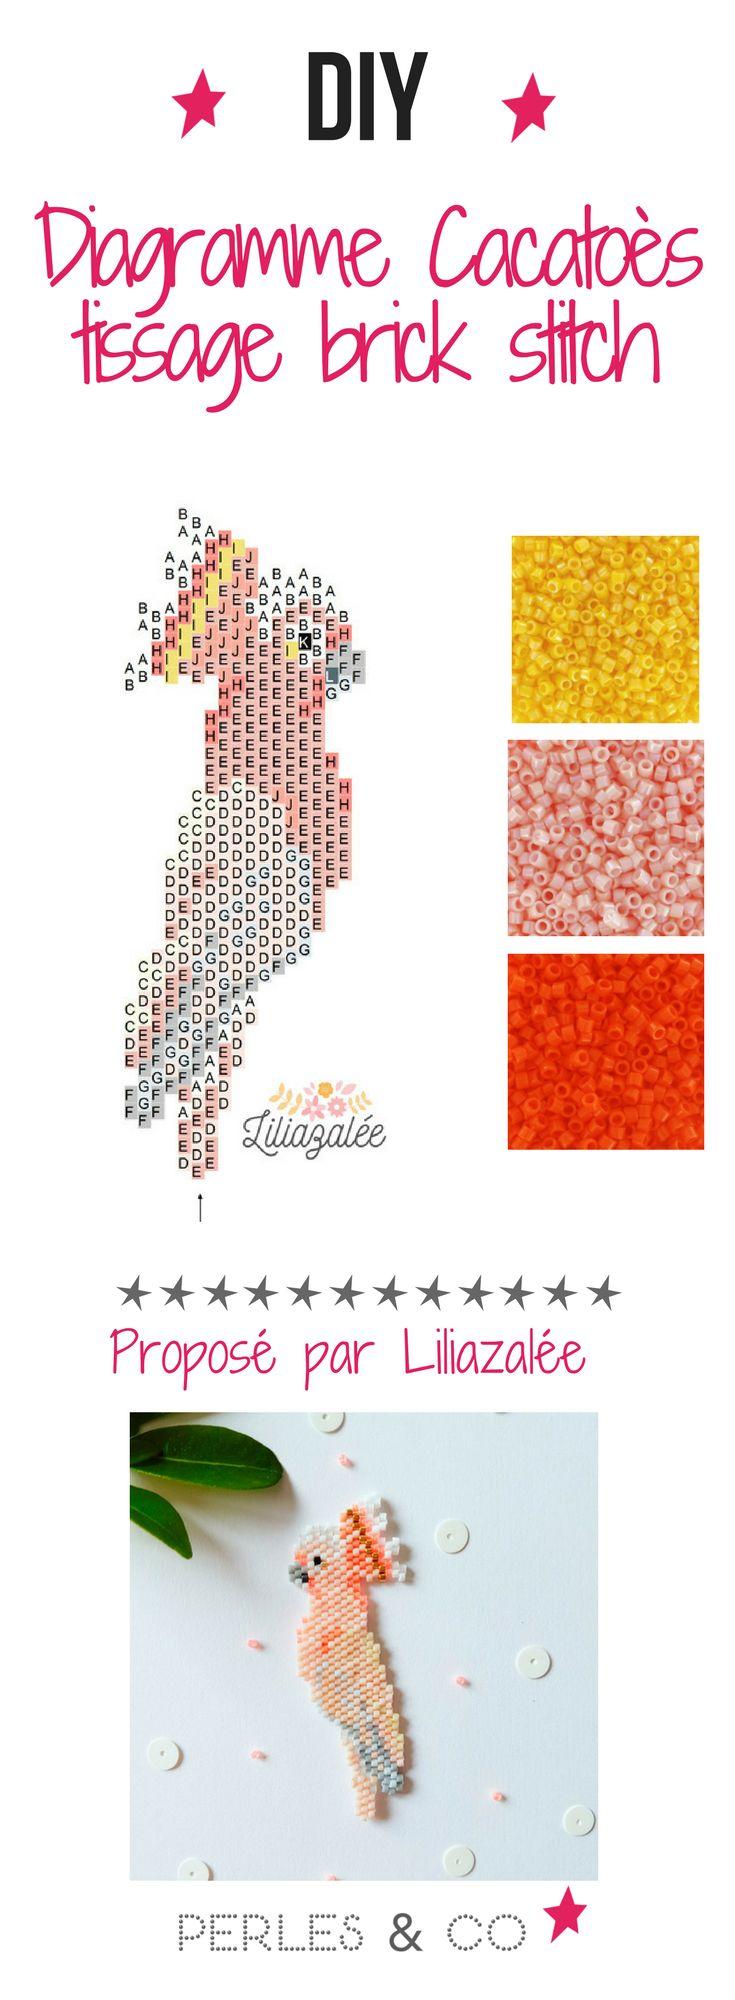 Tissage brick stitch d'un cacatoès aux couleurs pastels